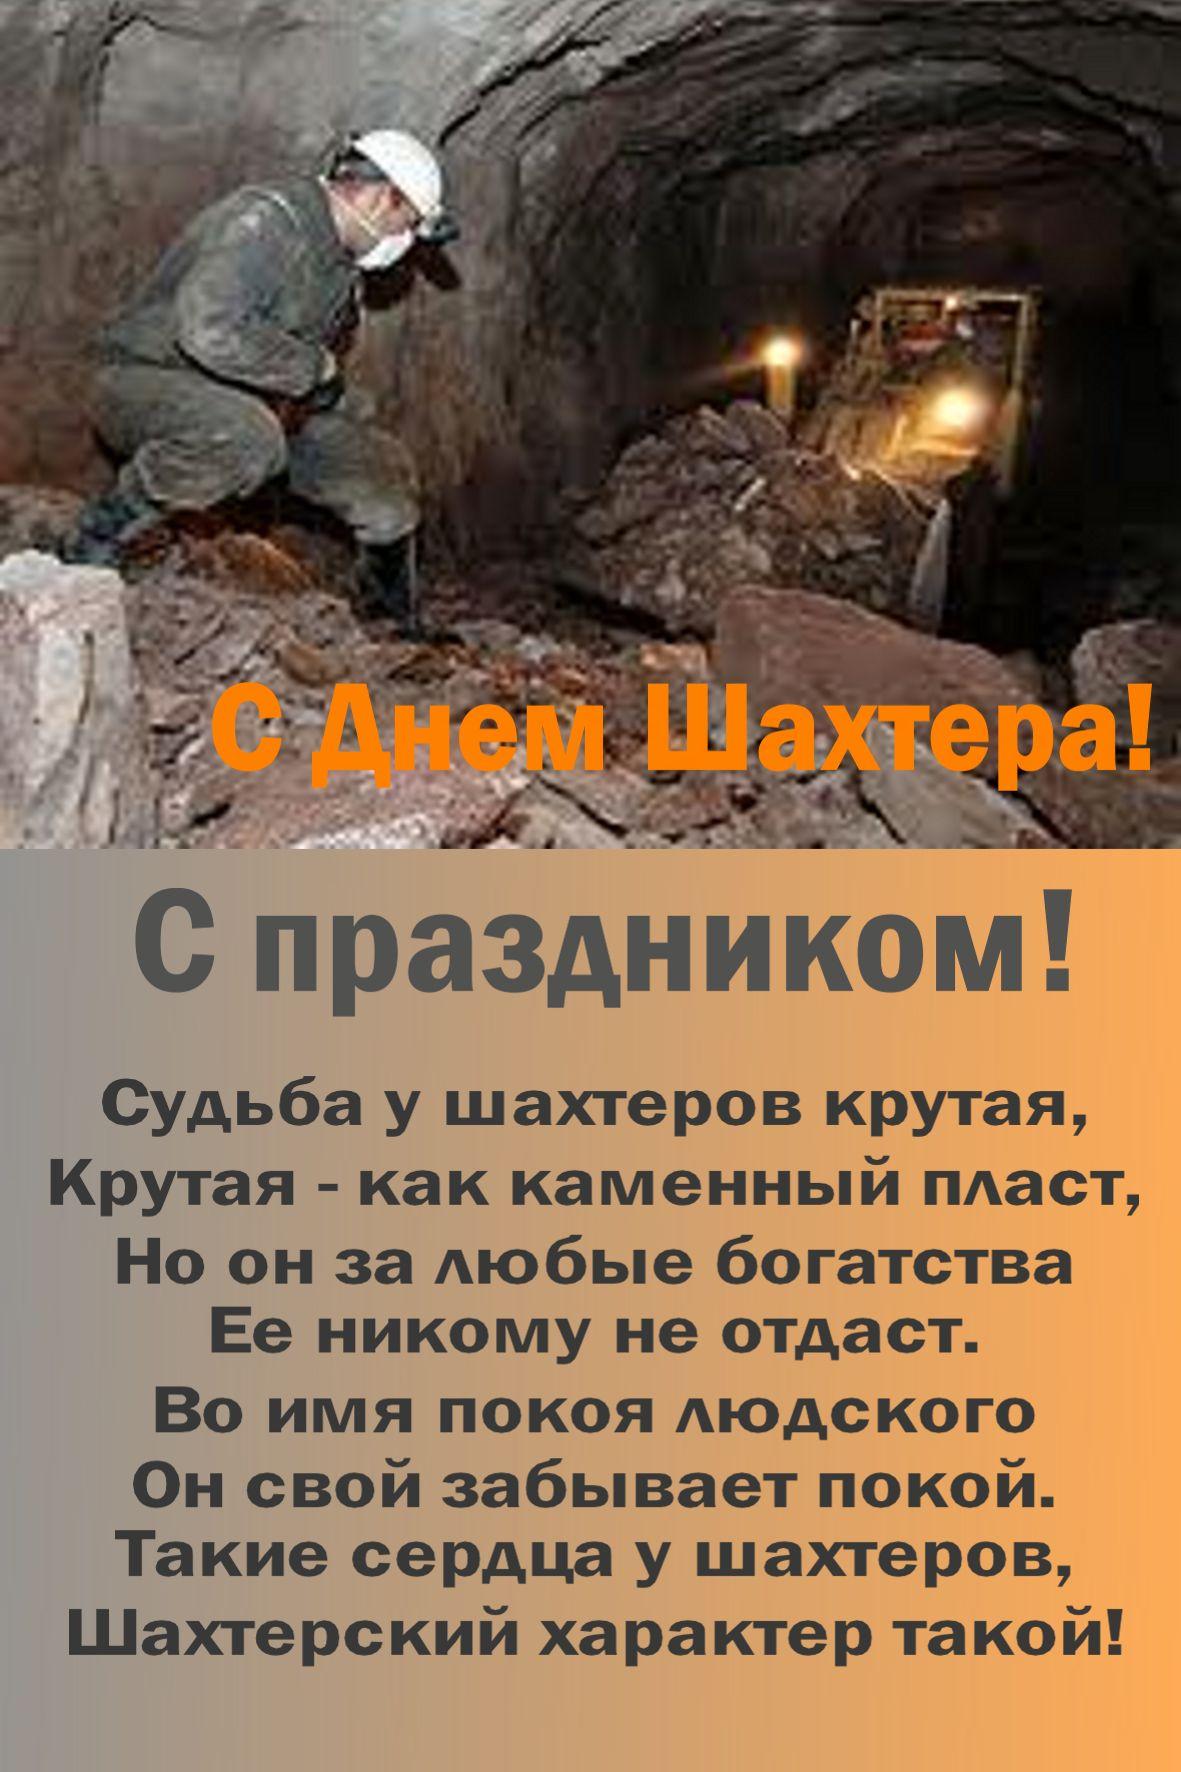 поздравления ко дню шахтера в картинках популярностью пользуются лазерные